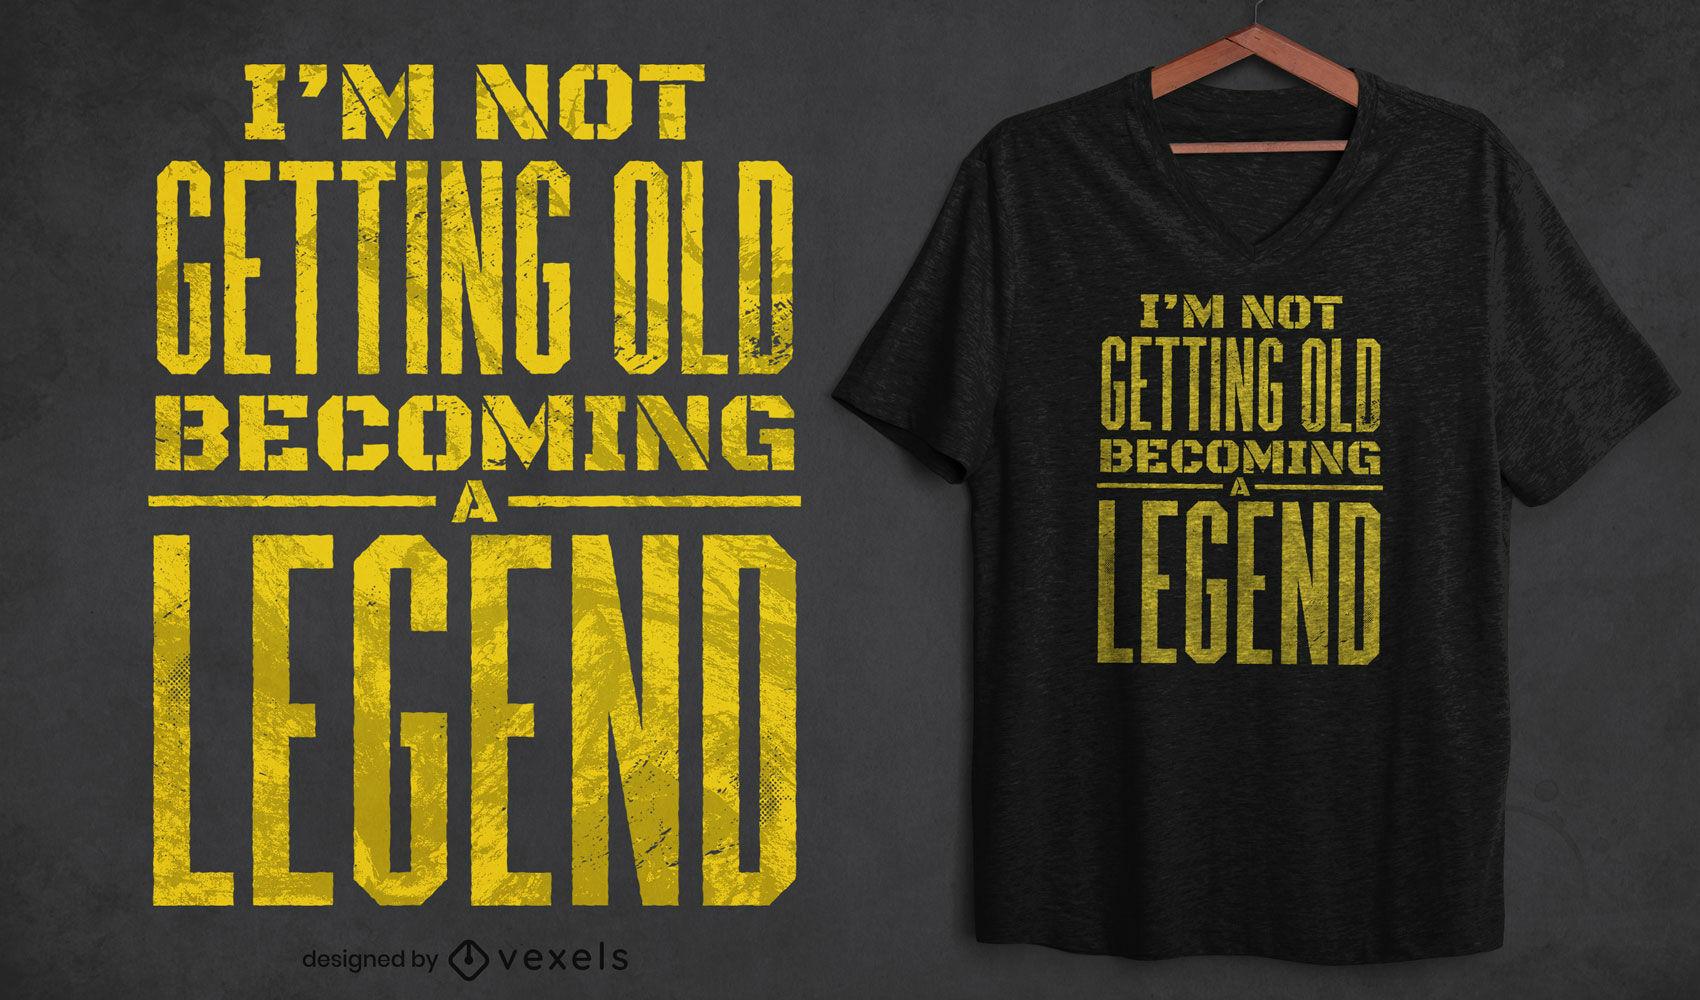 Dise?o de camiseta de cita de leyenda antigua psd